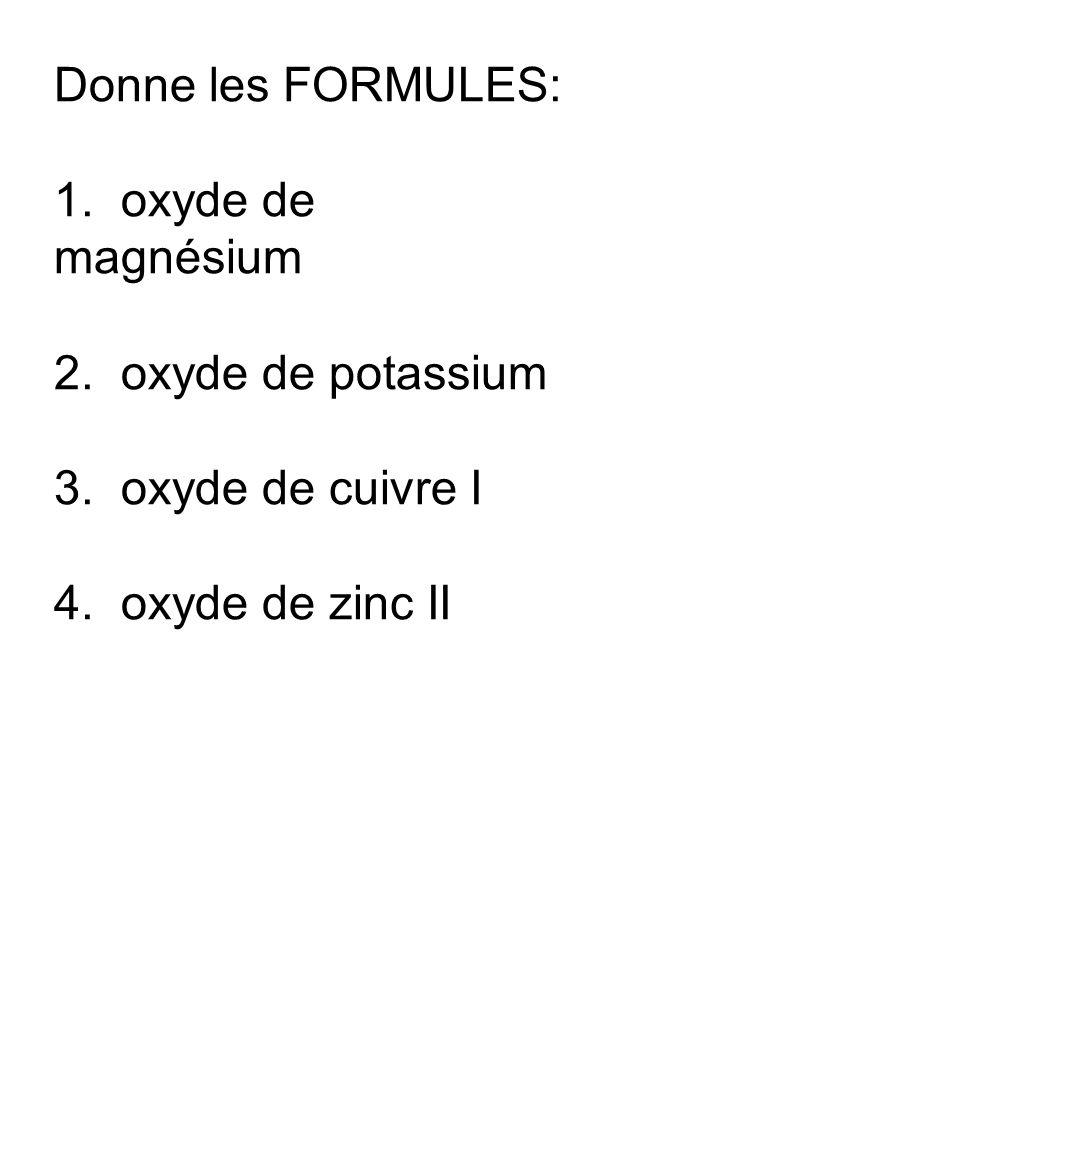 Donne les FORMULES: 1. oxyde de magnésium 2. oxyde de potassium 3. oxyde de cuivre I 4. oxyde de zinc II